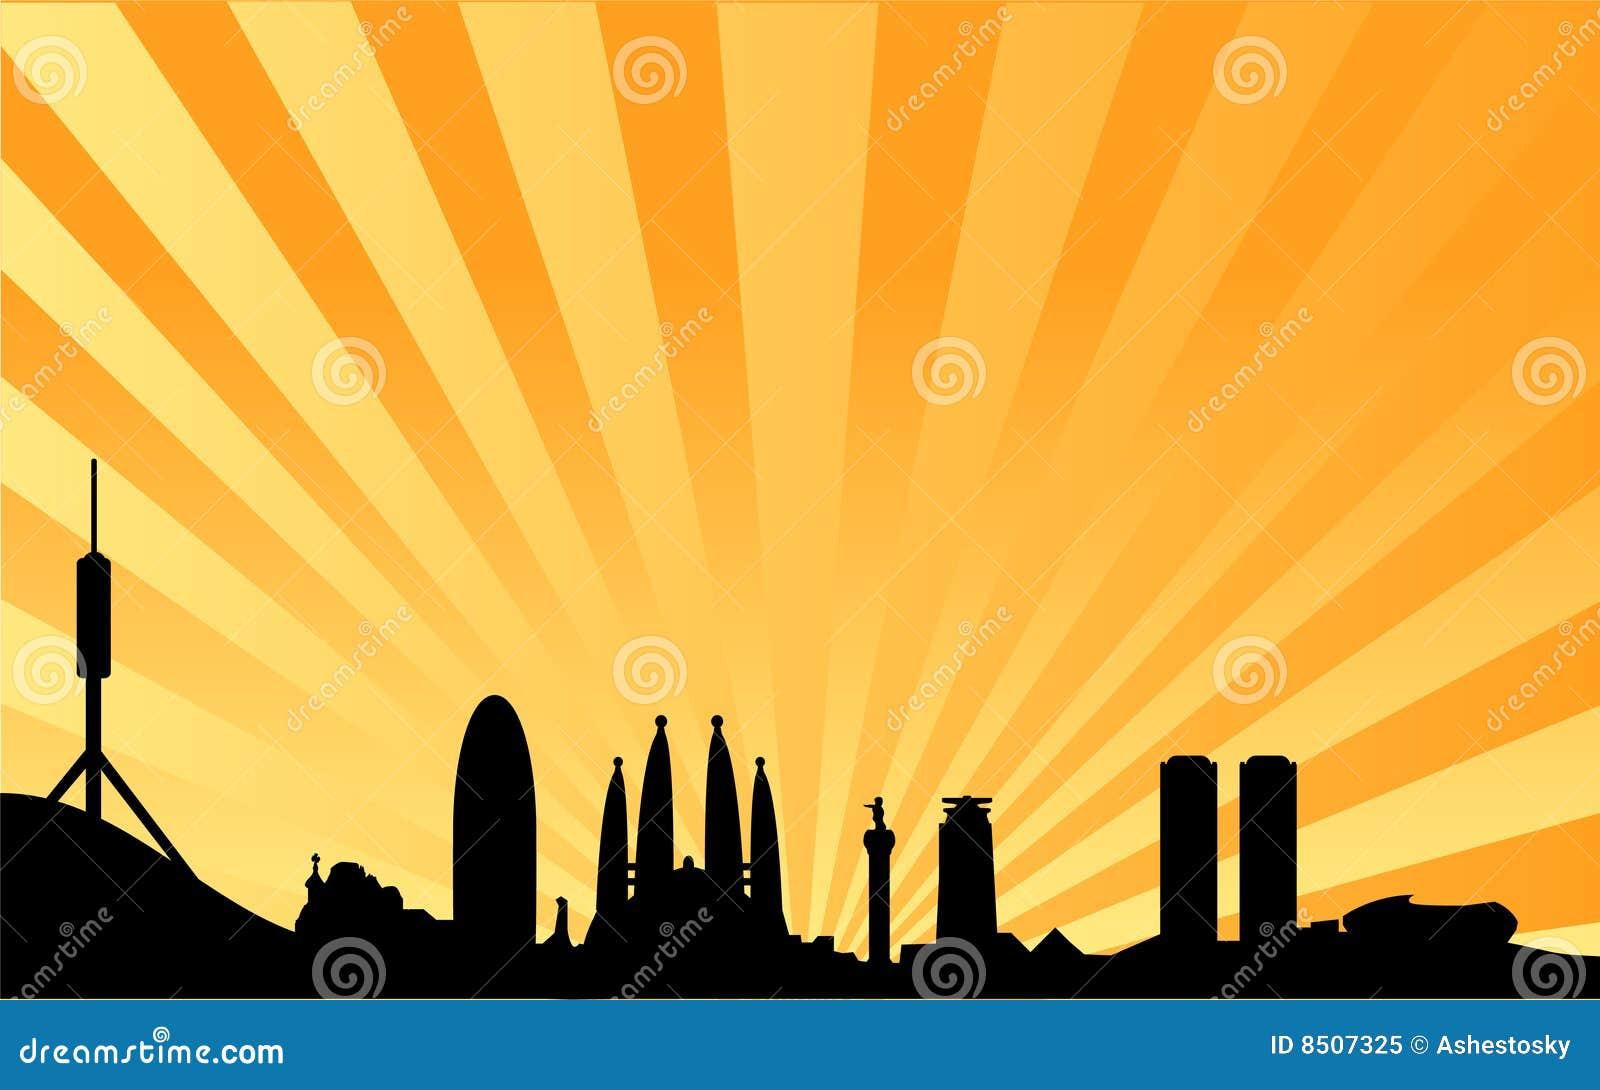 Paella on white vector stock vector image 68986544 - Fundo Do Vetor Da Skyline De Barcelona Foto De Stock Royalty Free